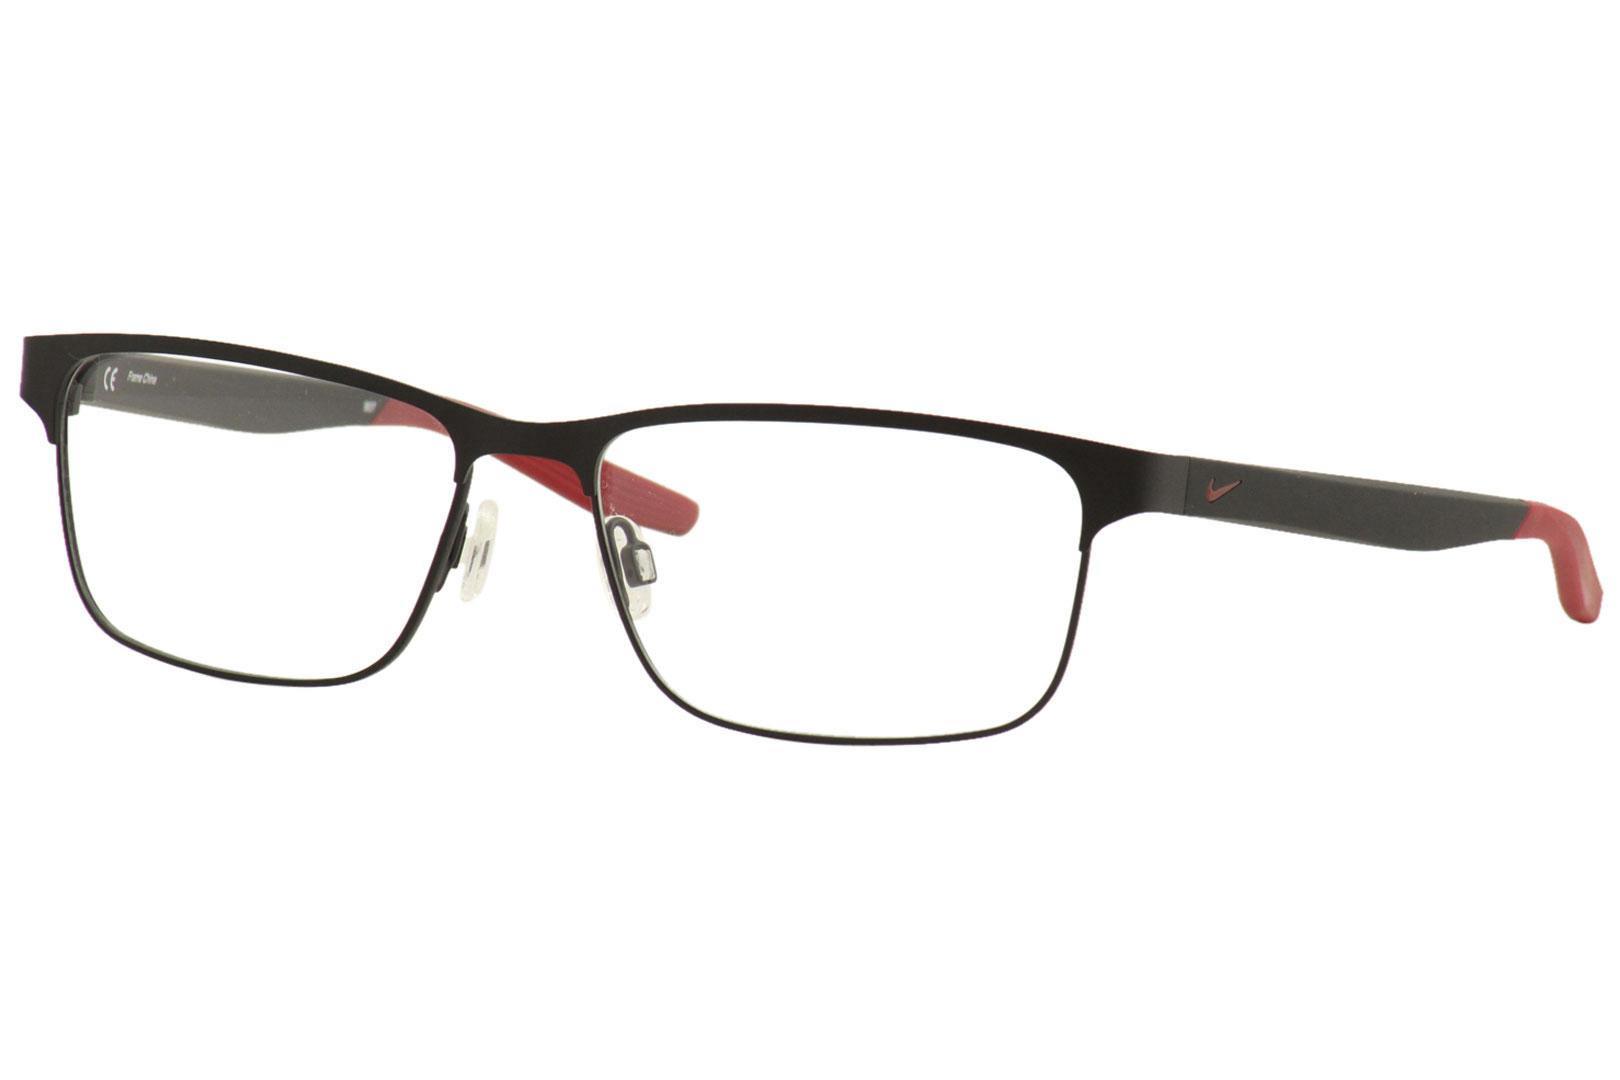 Nike Men's Eyeglasses 8130 073 Satin Black Full Rim ...